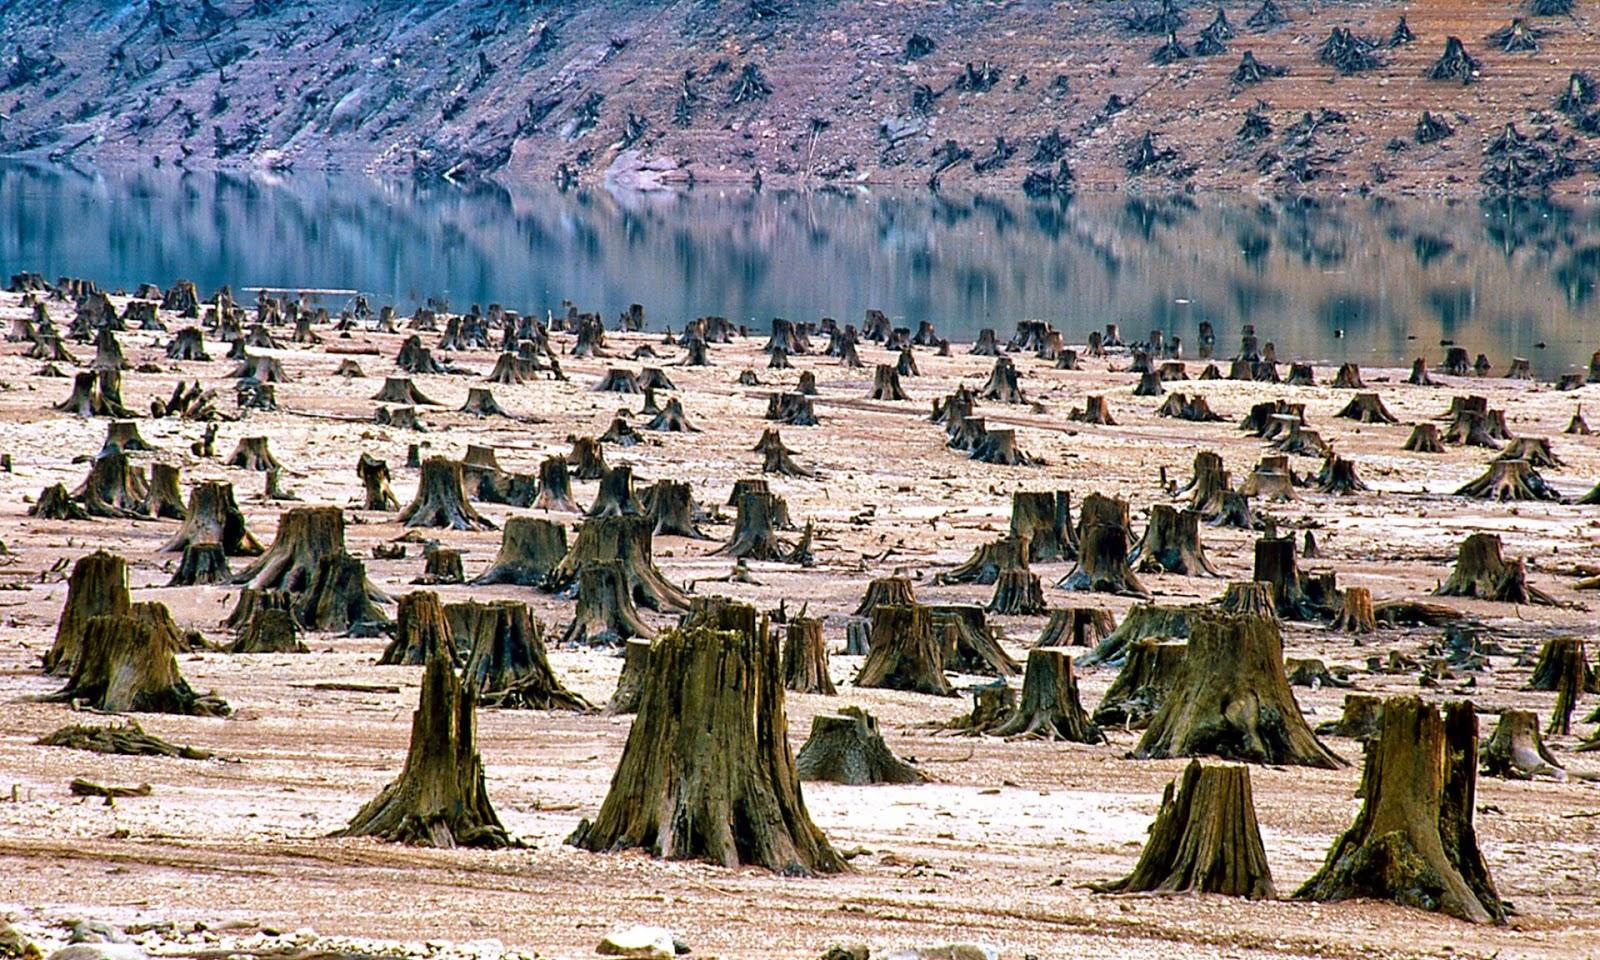 Надписью добрый, картинки вырубка лесов экологическая проблема